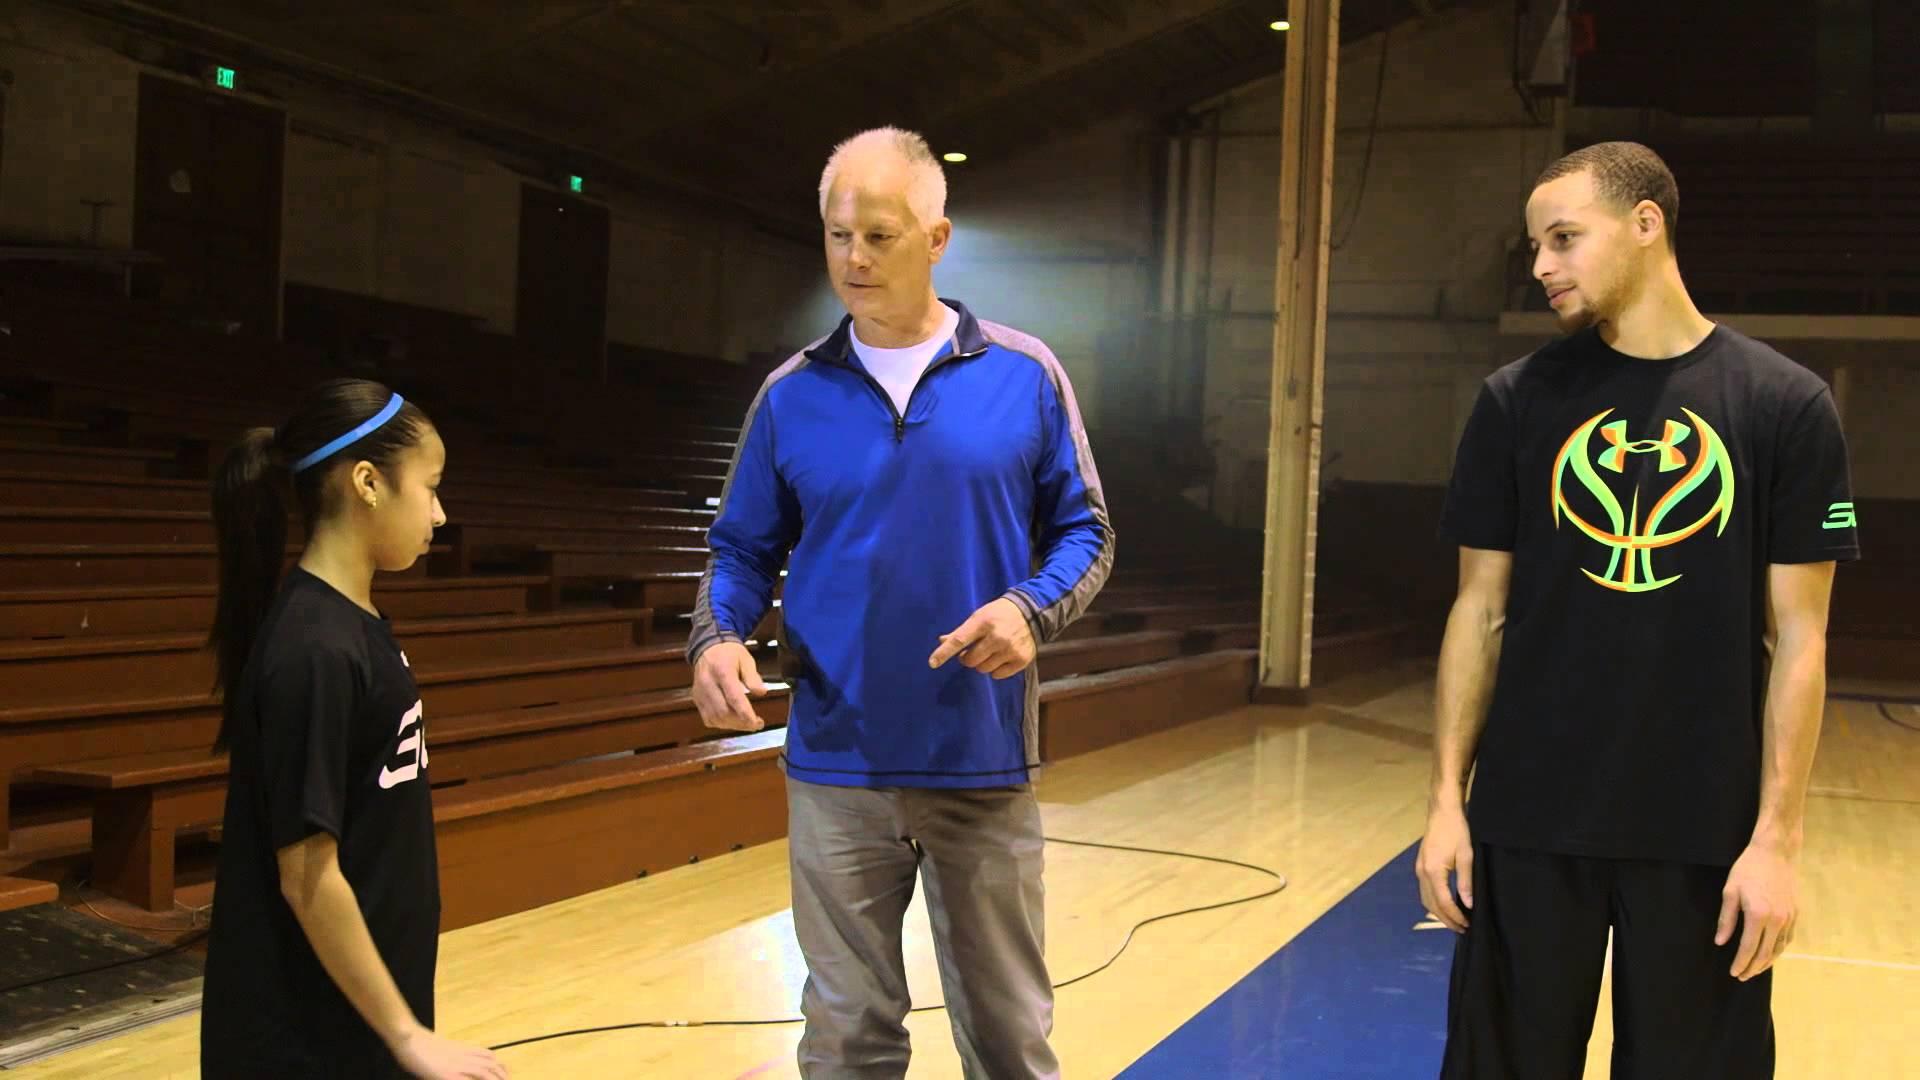 Vidéo : Stephen Curry affronte Robert Horry, Tim Legler, Jaden Newman et son père à 3-points